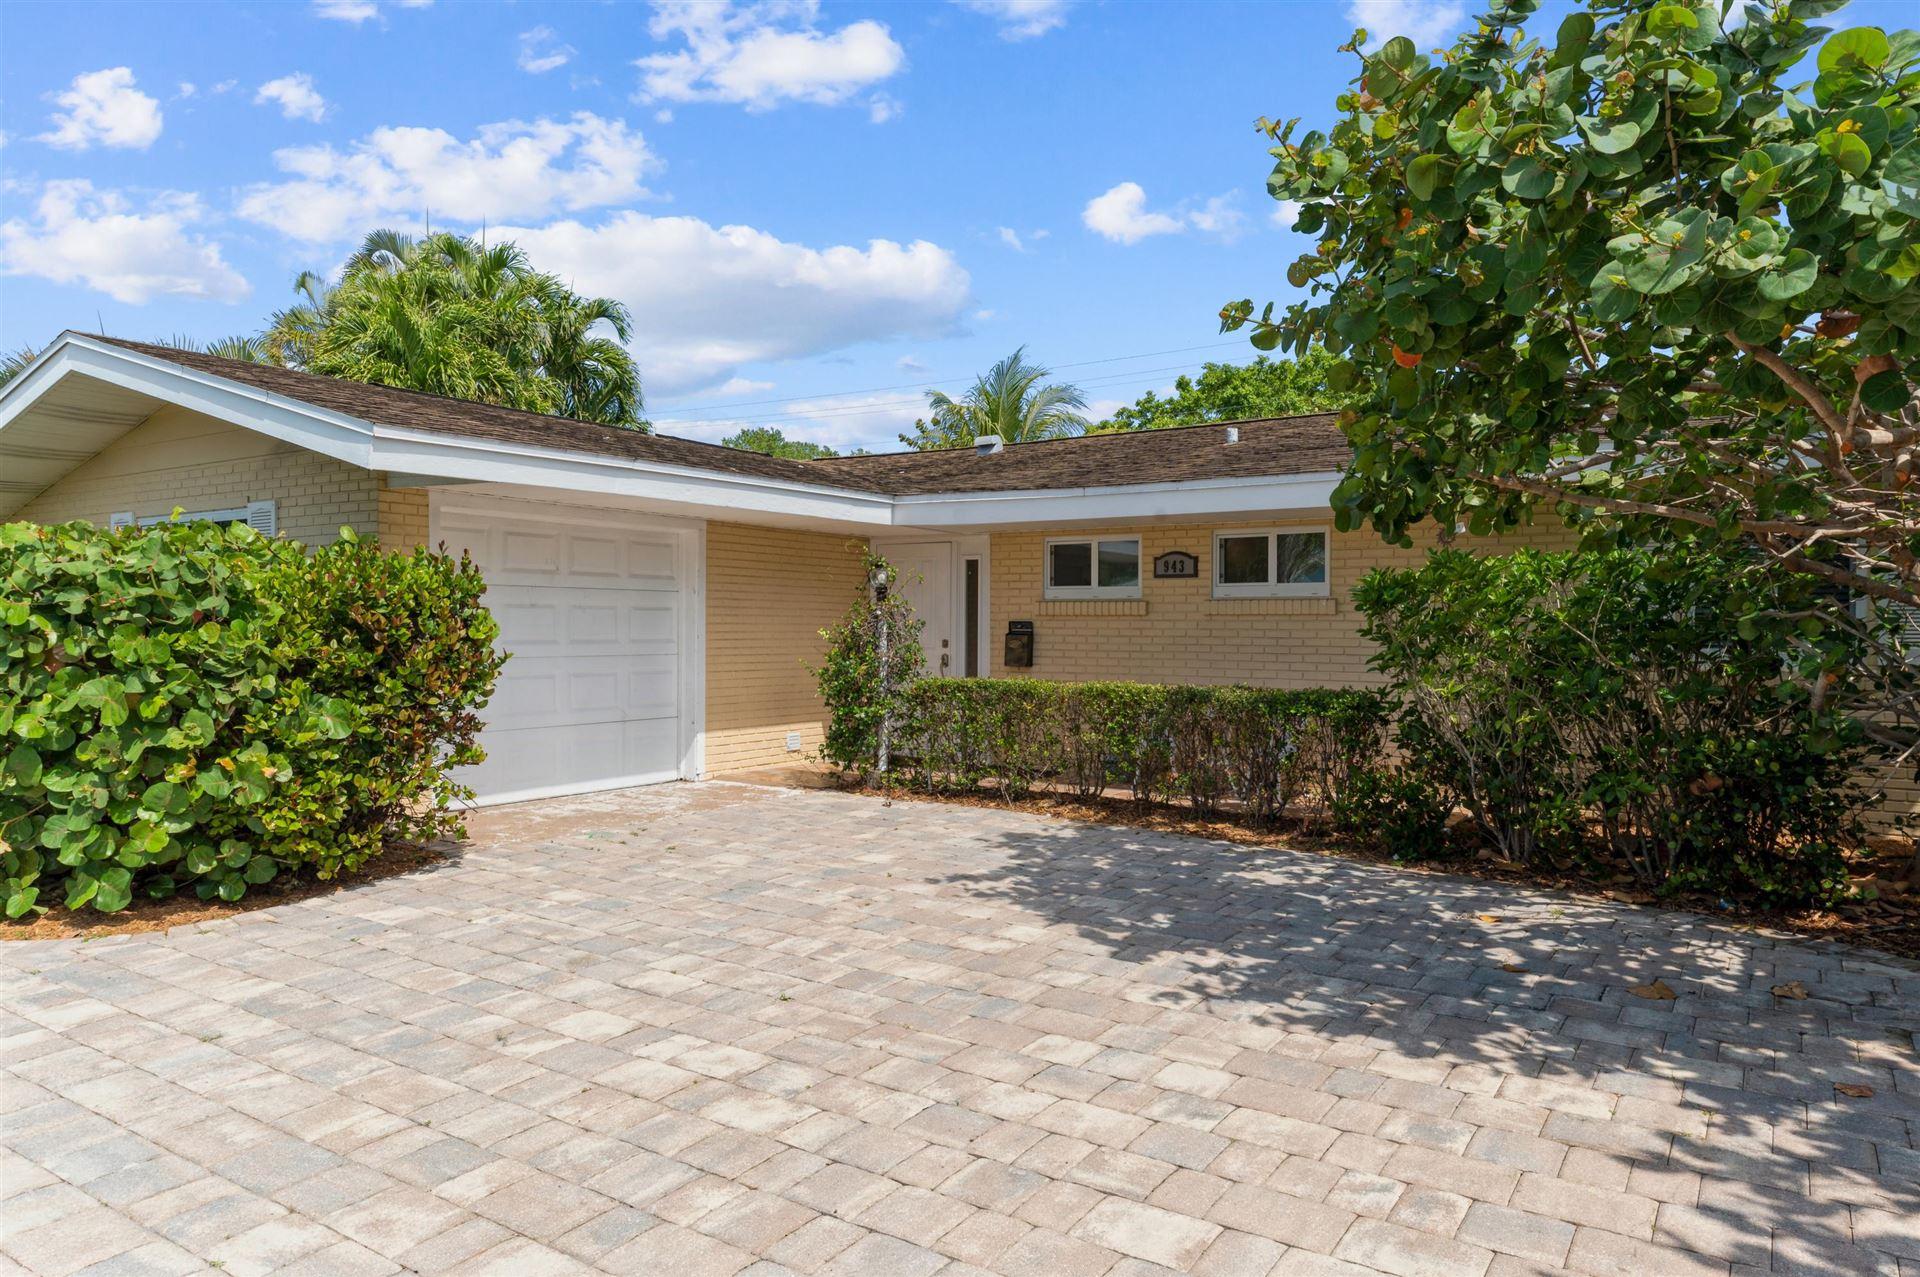 943 W Camino Real, Boca Raton, FL 33486 - #: RX-10708881